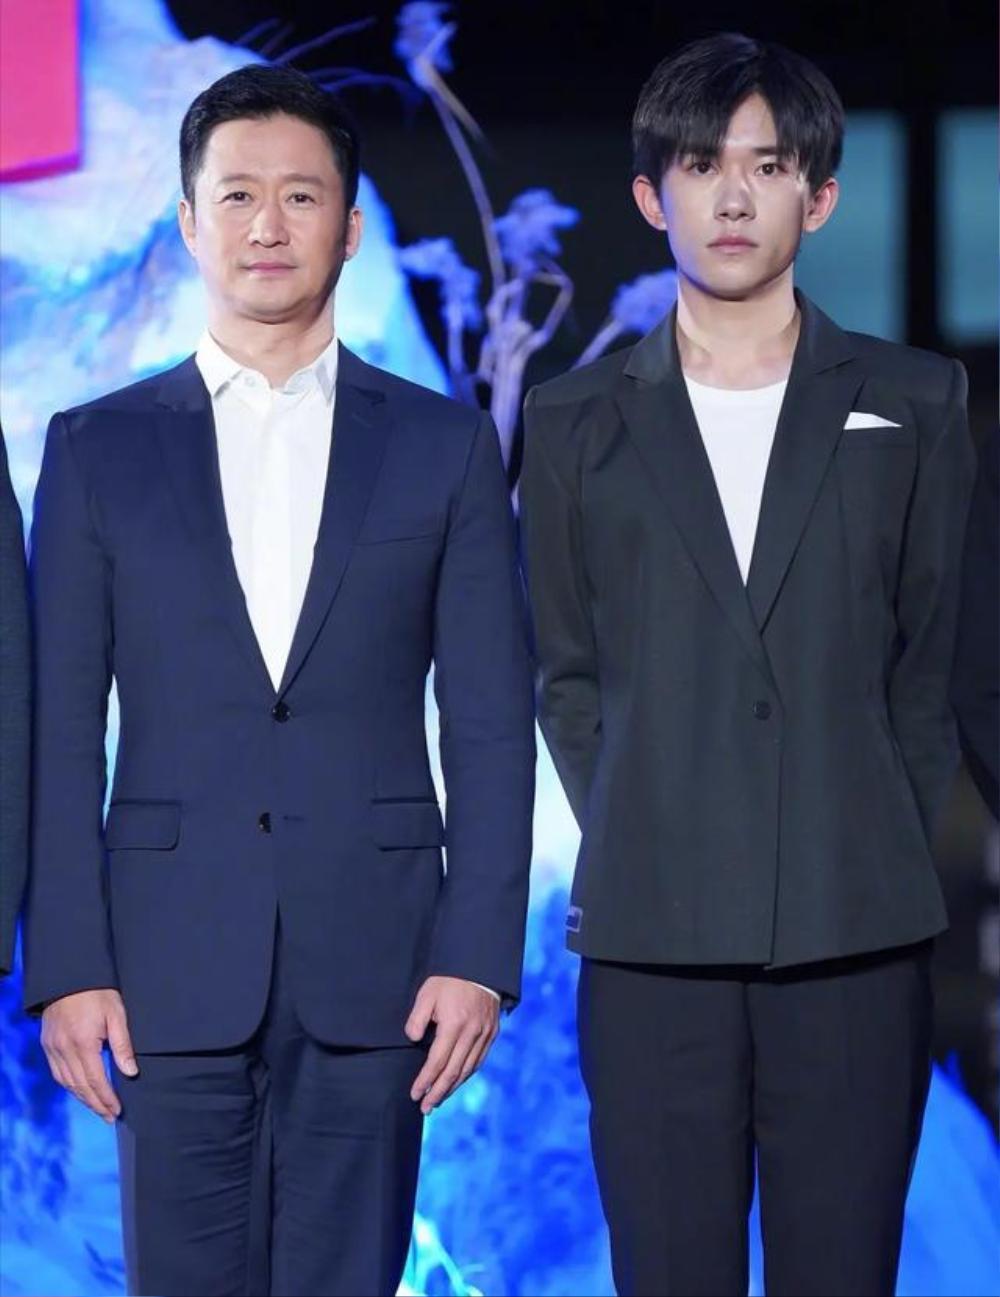 Dịch Dương Thiên Tỉ từ chối lời mời của CCTV vì sự nghiệp phim ảnh Ảnh 2